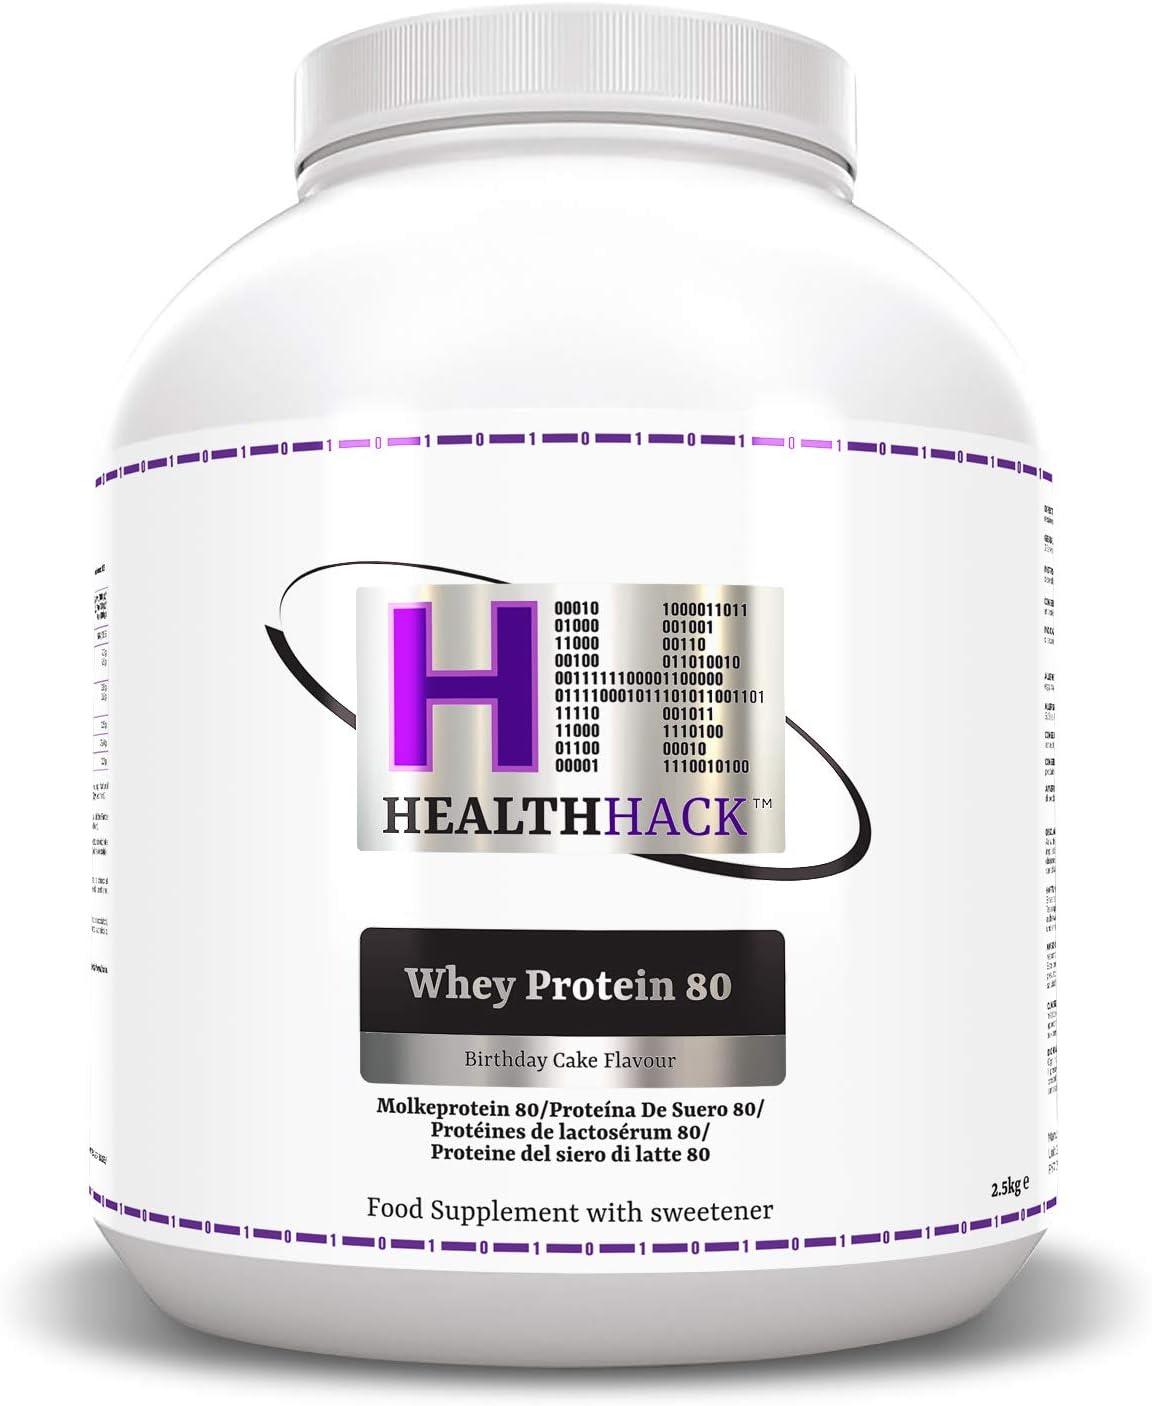 Health Hack - Proteína de suero de leche 80 %, 2,5 kg, tarta de cumpleaños